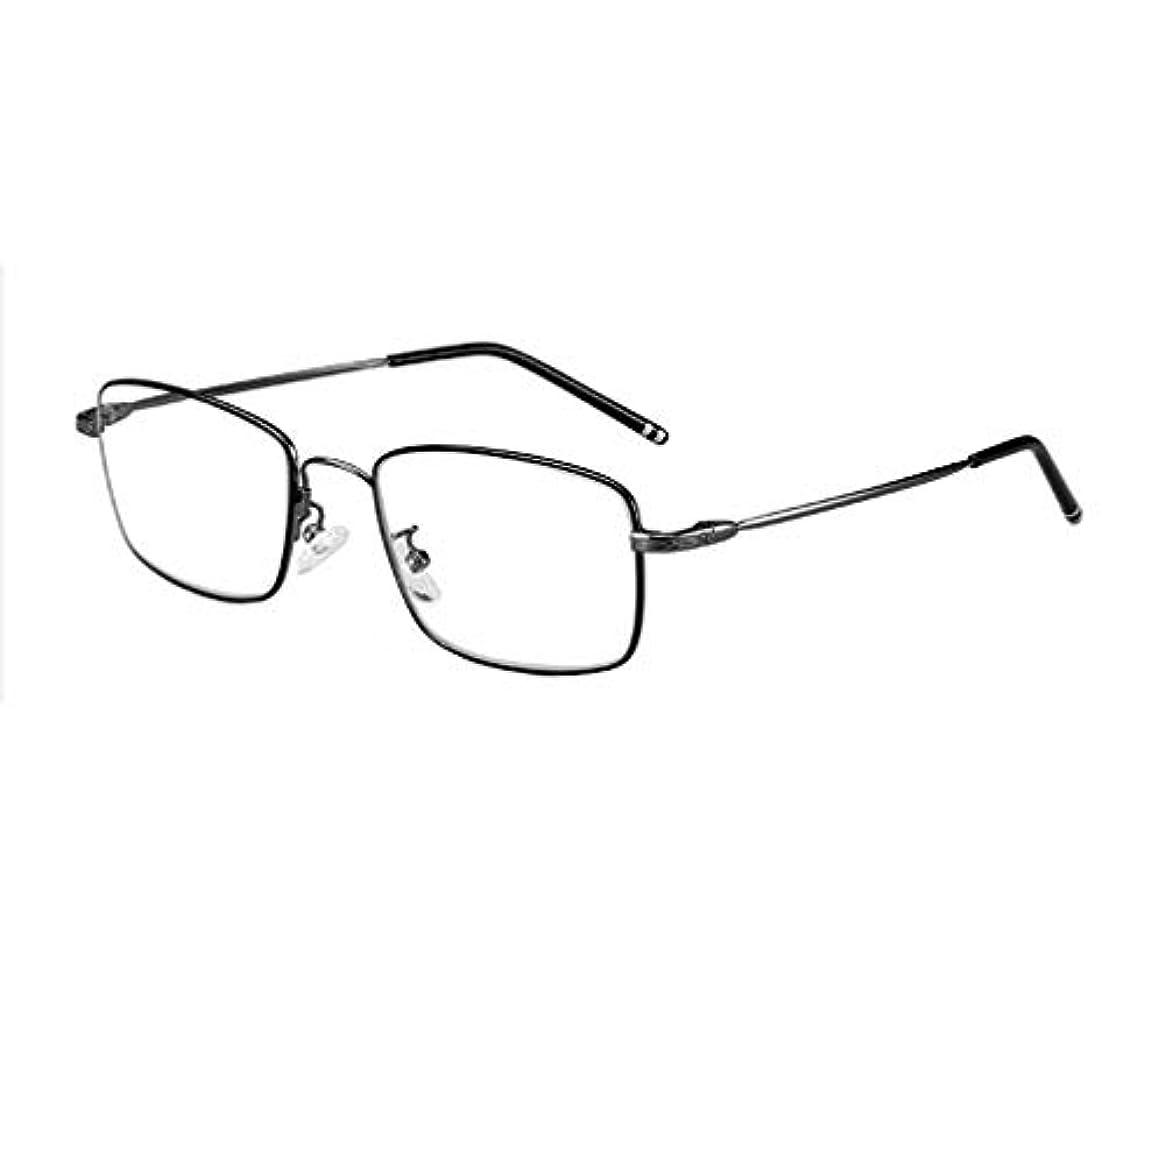 識字ファウル流出老眼鏡、インテリジェントオートズーム、超軽量男性用老眼鏡(3個)、プログレッシブ多焦点レンズ、遠近使用、HDアンチブルーライト、透明メガネ